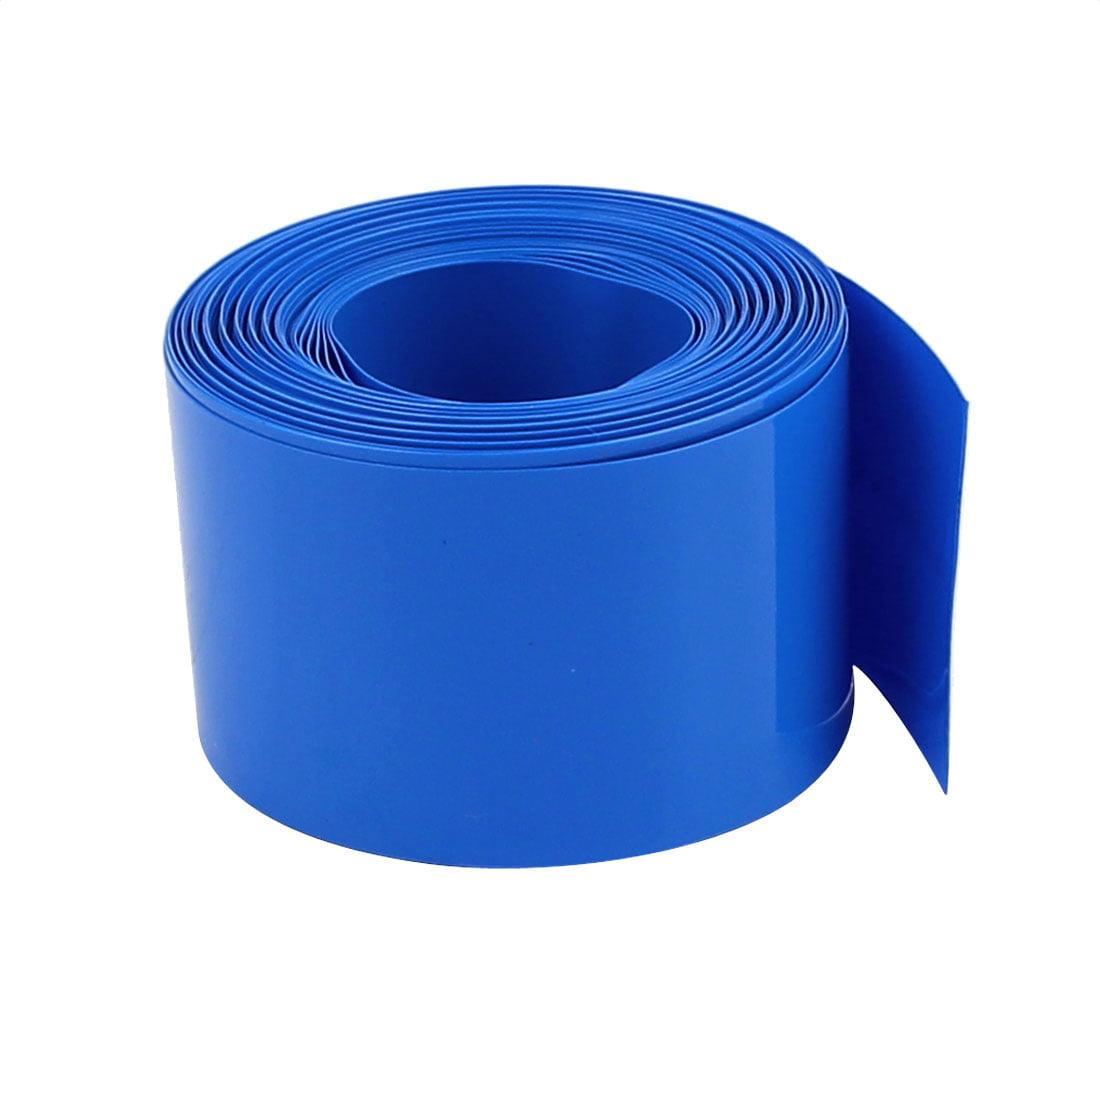 32mm Flat Width 2.1M Length PVC Heat Shrink Tube Blue for 18650 Battery Pack